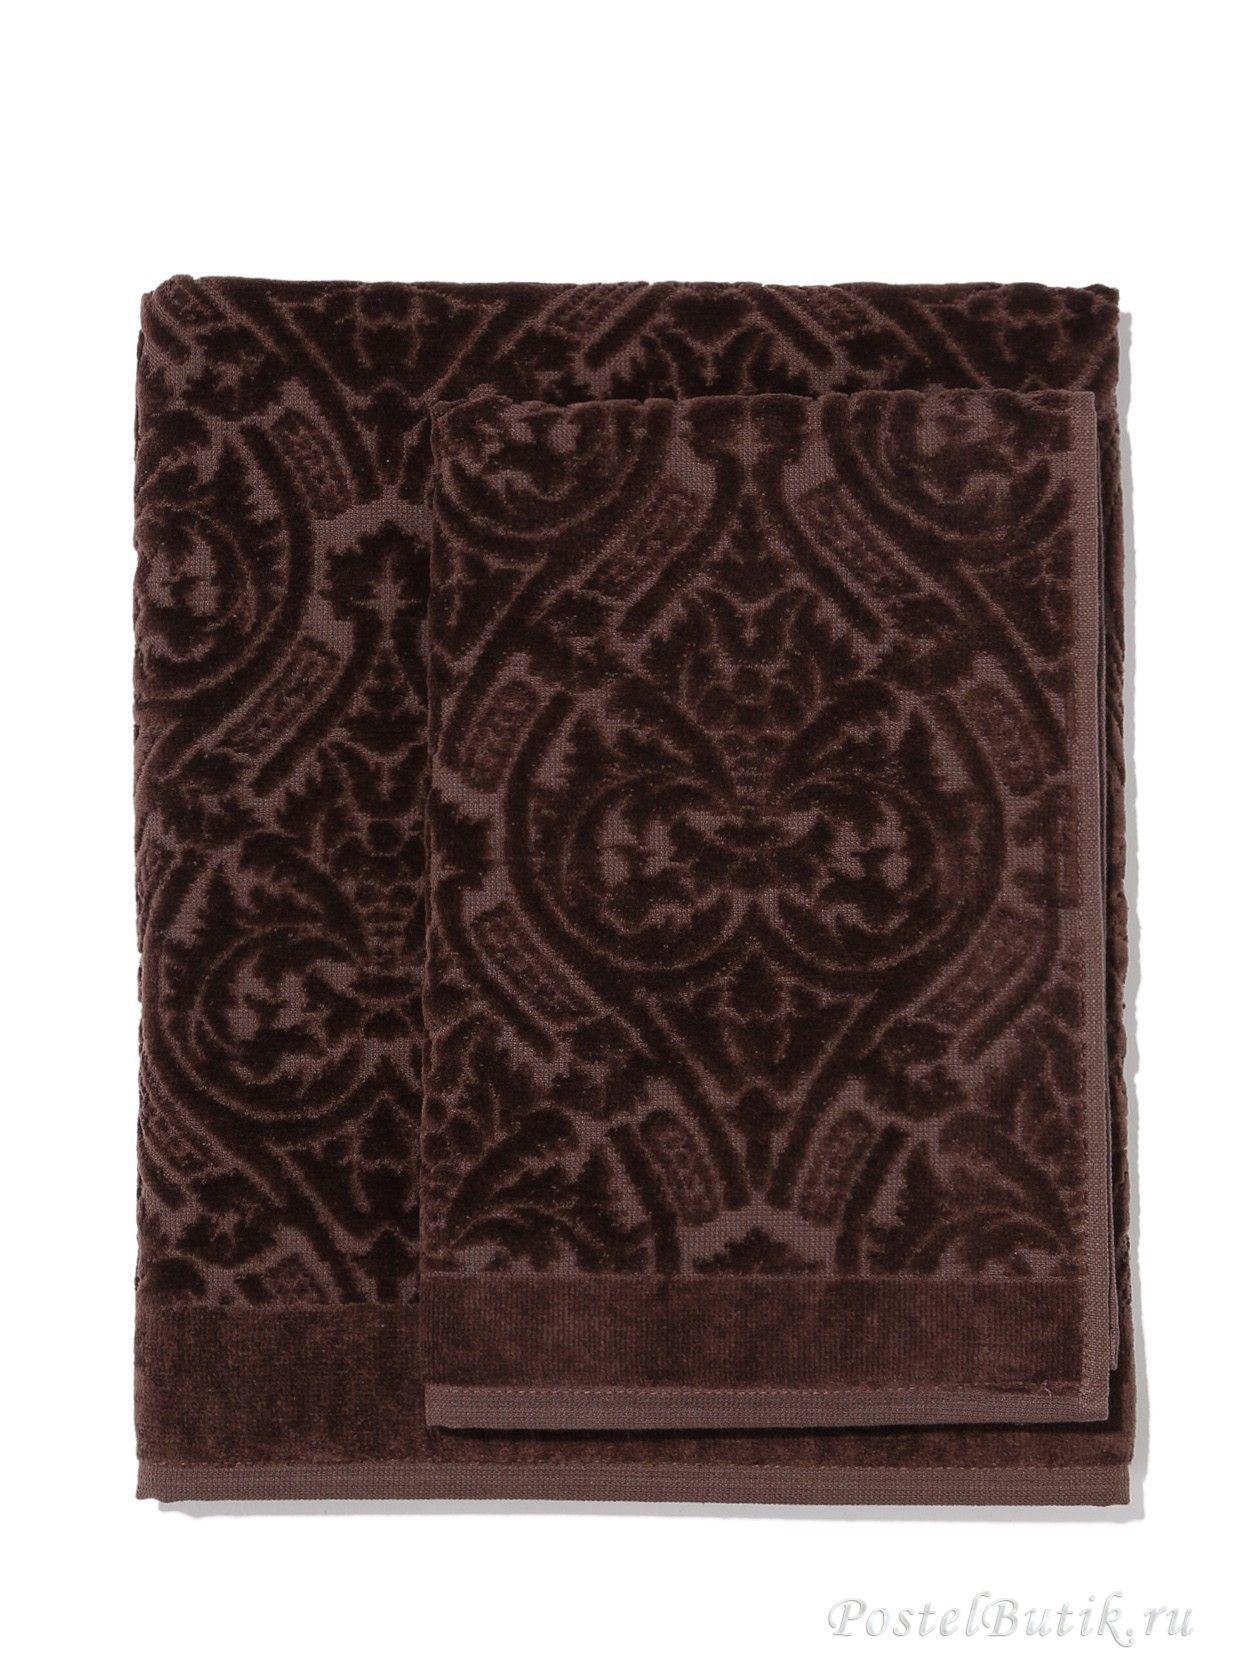 Наборы полотенец Набор полотенец 2 шт Roberto Cavalli Damasco коричневый elitnie-polotentsa-damasco-korichnevie-ot-roberto-cavalli-italiya-komplekt.jpg